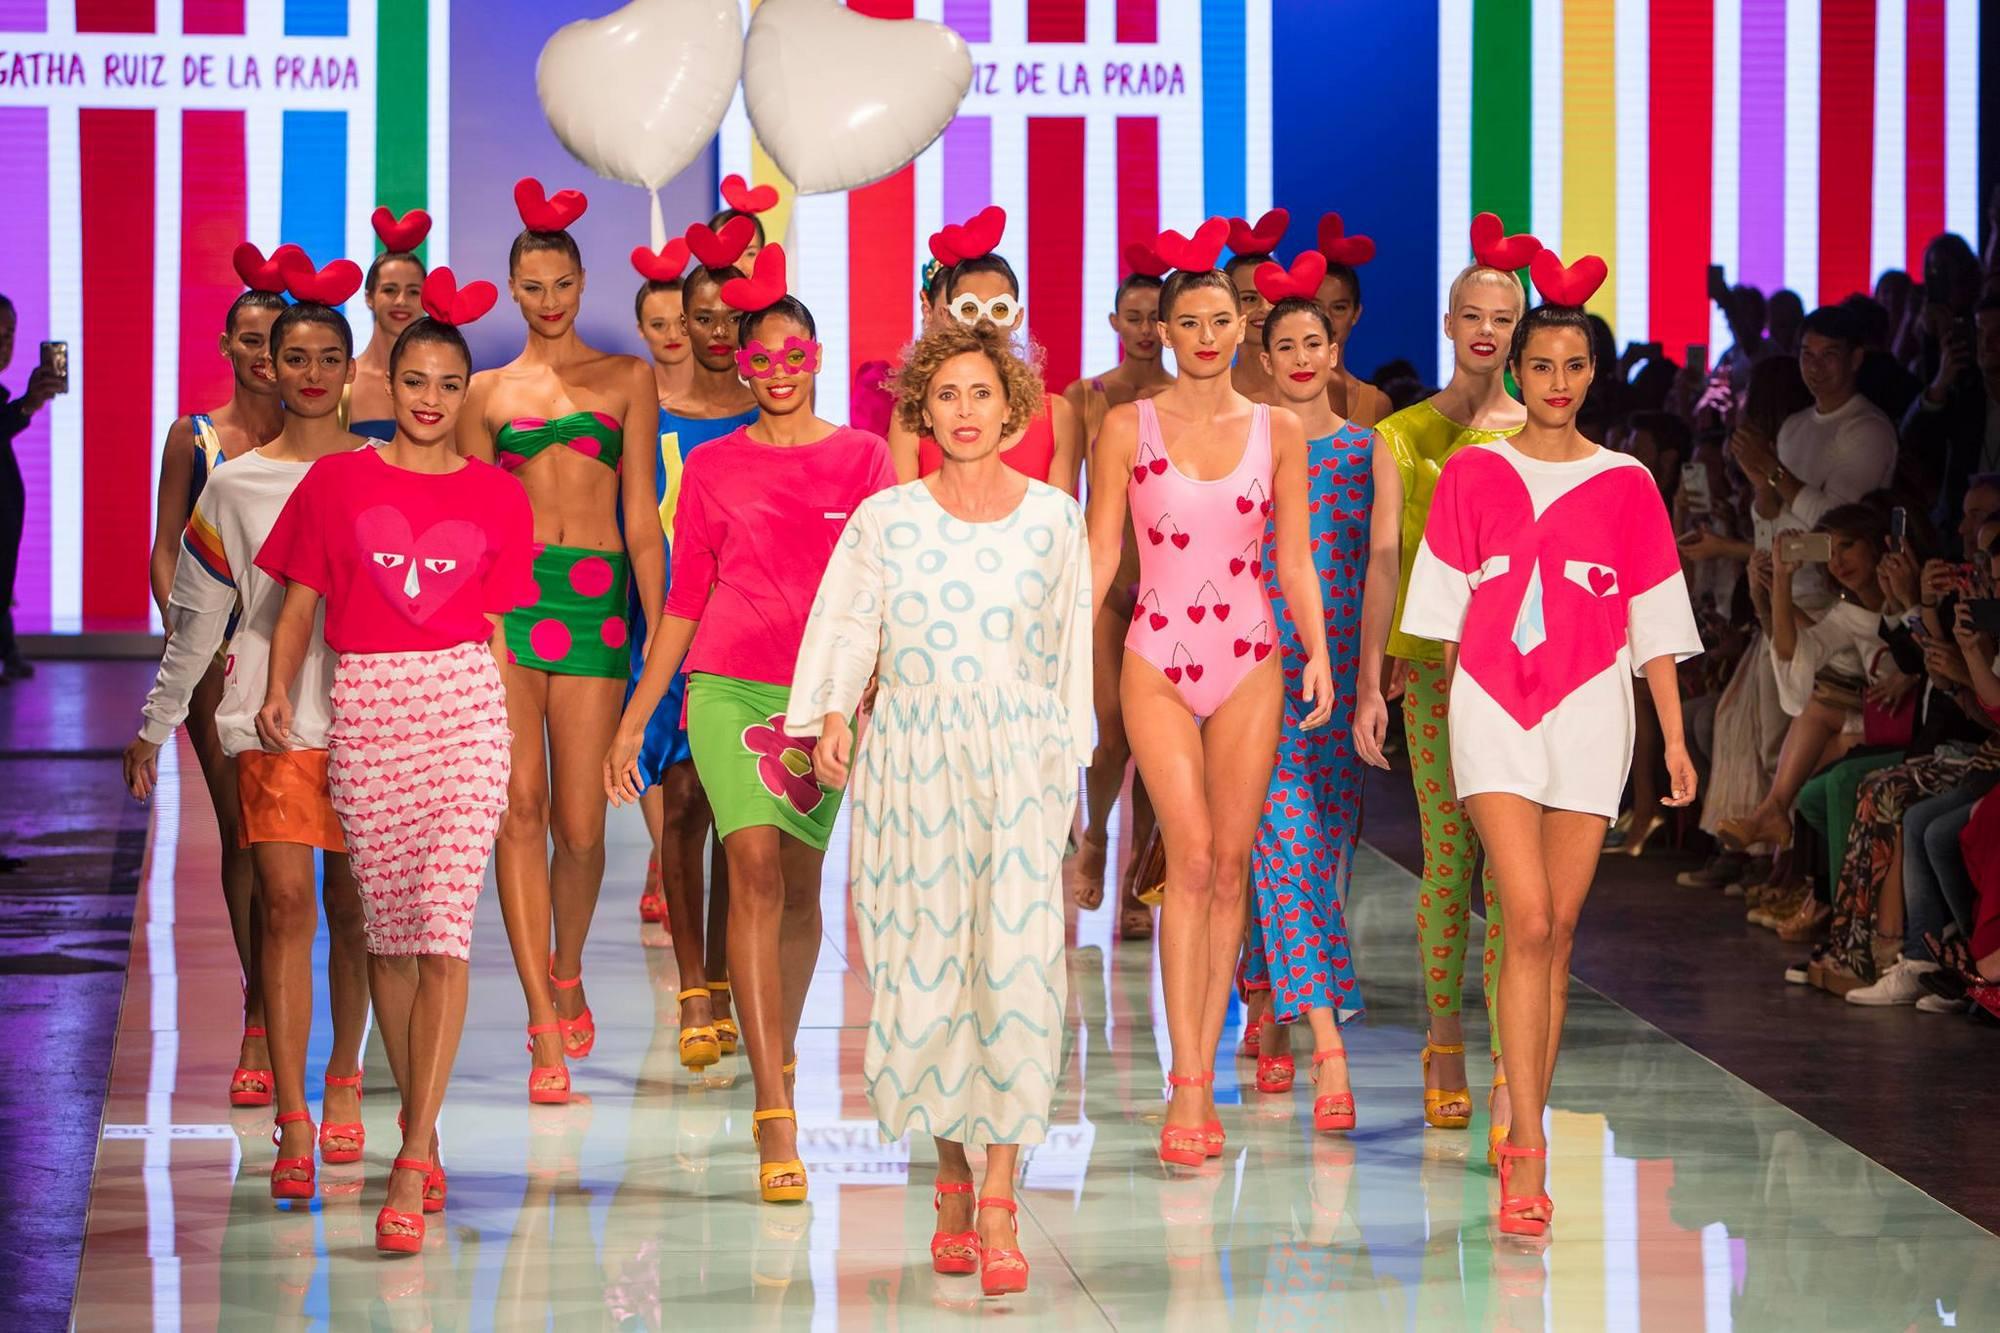 Miami Fashion Week 2018 arranca el 30 de mayo con diseñadores como Oscar Carvallo, Custo Barcelona, Ángel Sánchez, Ágatha Ruiz De La Prada y RENE by RR en sus pasarelas